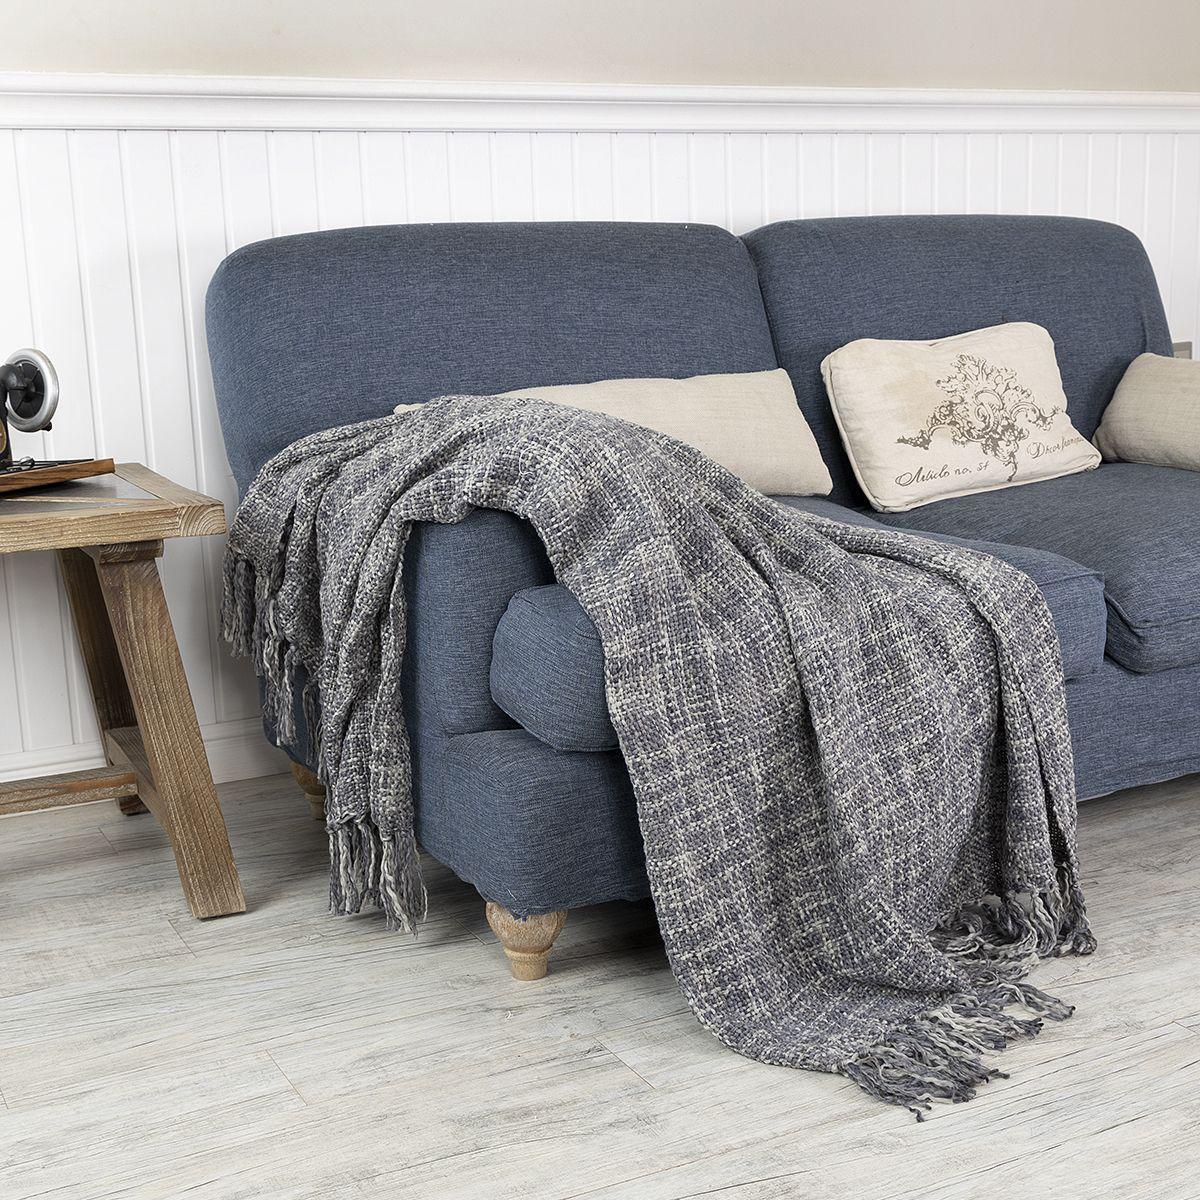 شال كنب لون رصاصي Sofa Covers Throw Blanket Blanket